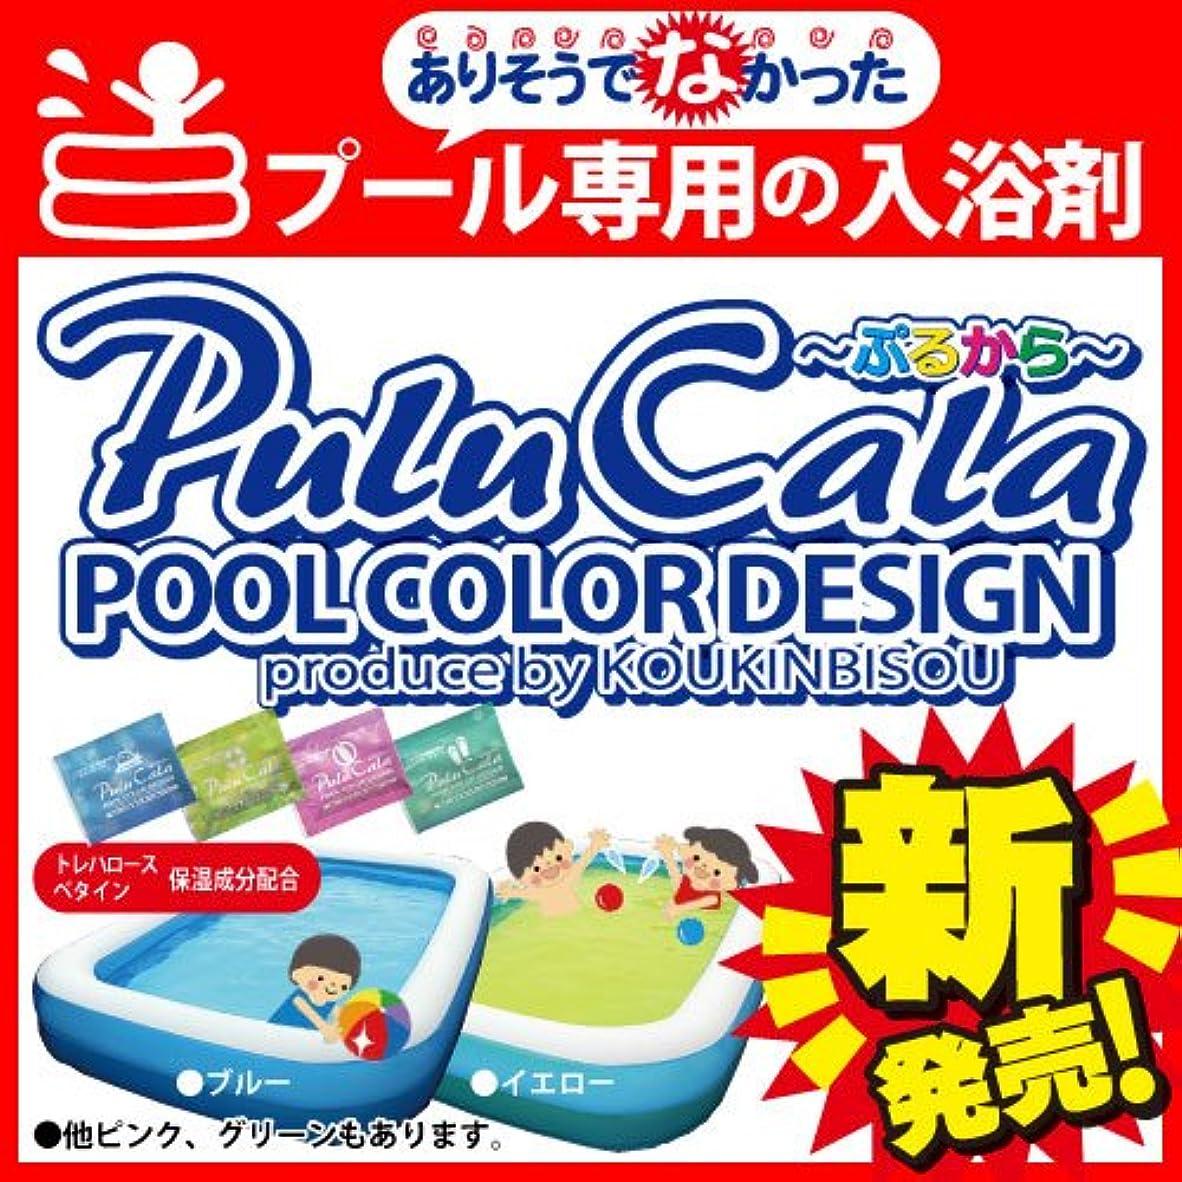 負荷錫復活する【プール専用入浴剤】ぷるから ピンク10回分セット(25g×10) 目や口に入っても大丈夫!